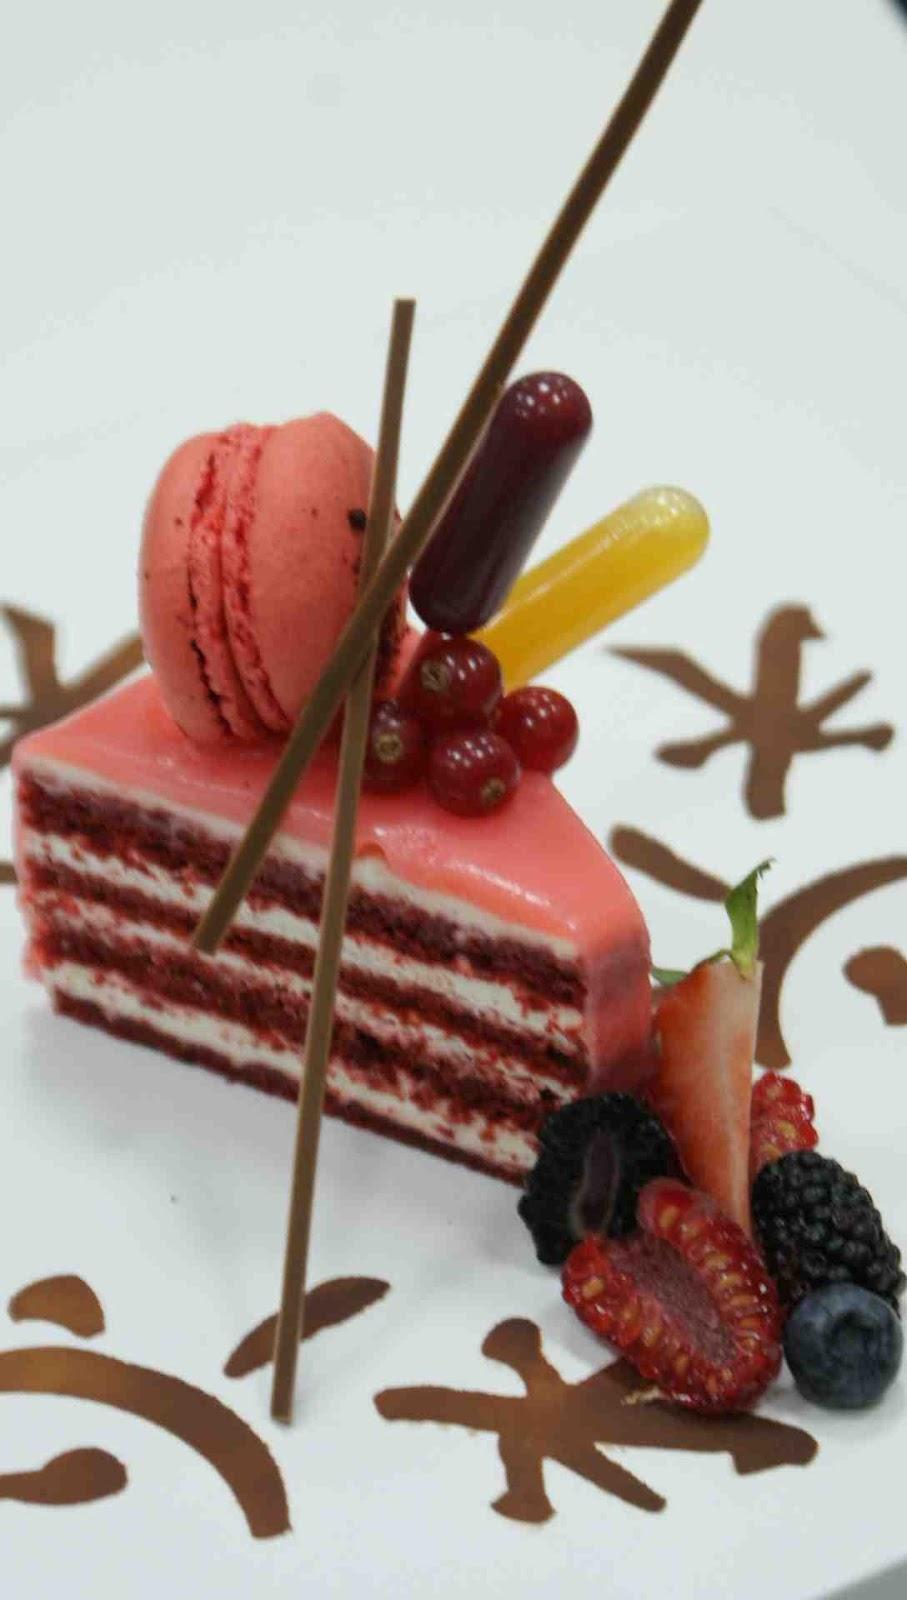 Plated Red Velvet Cake